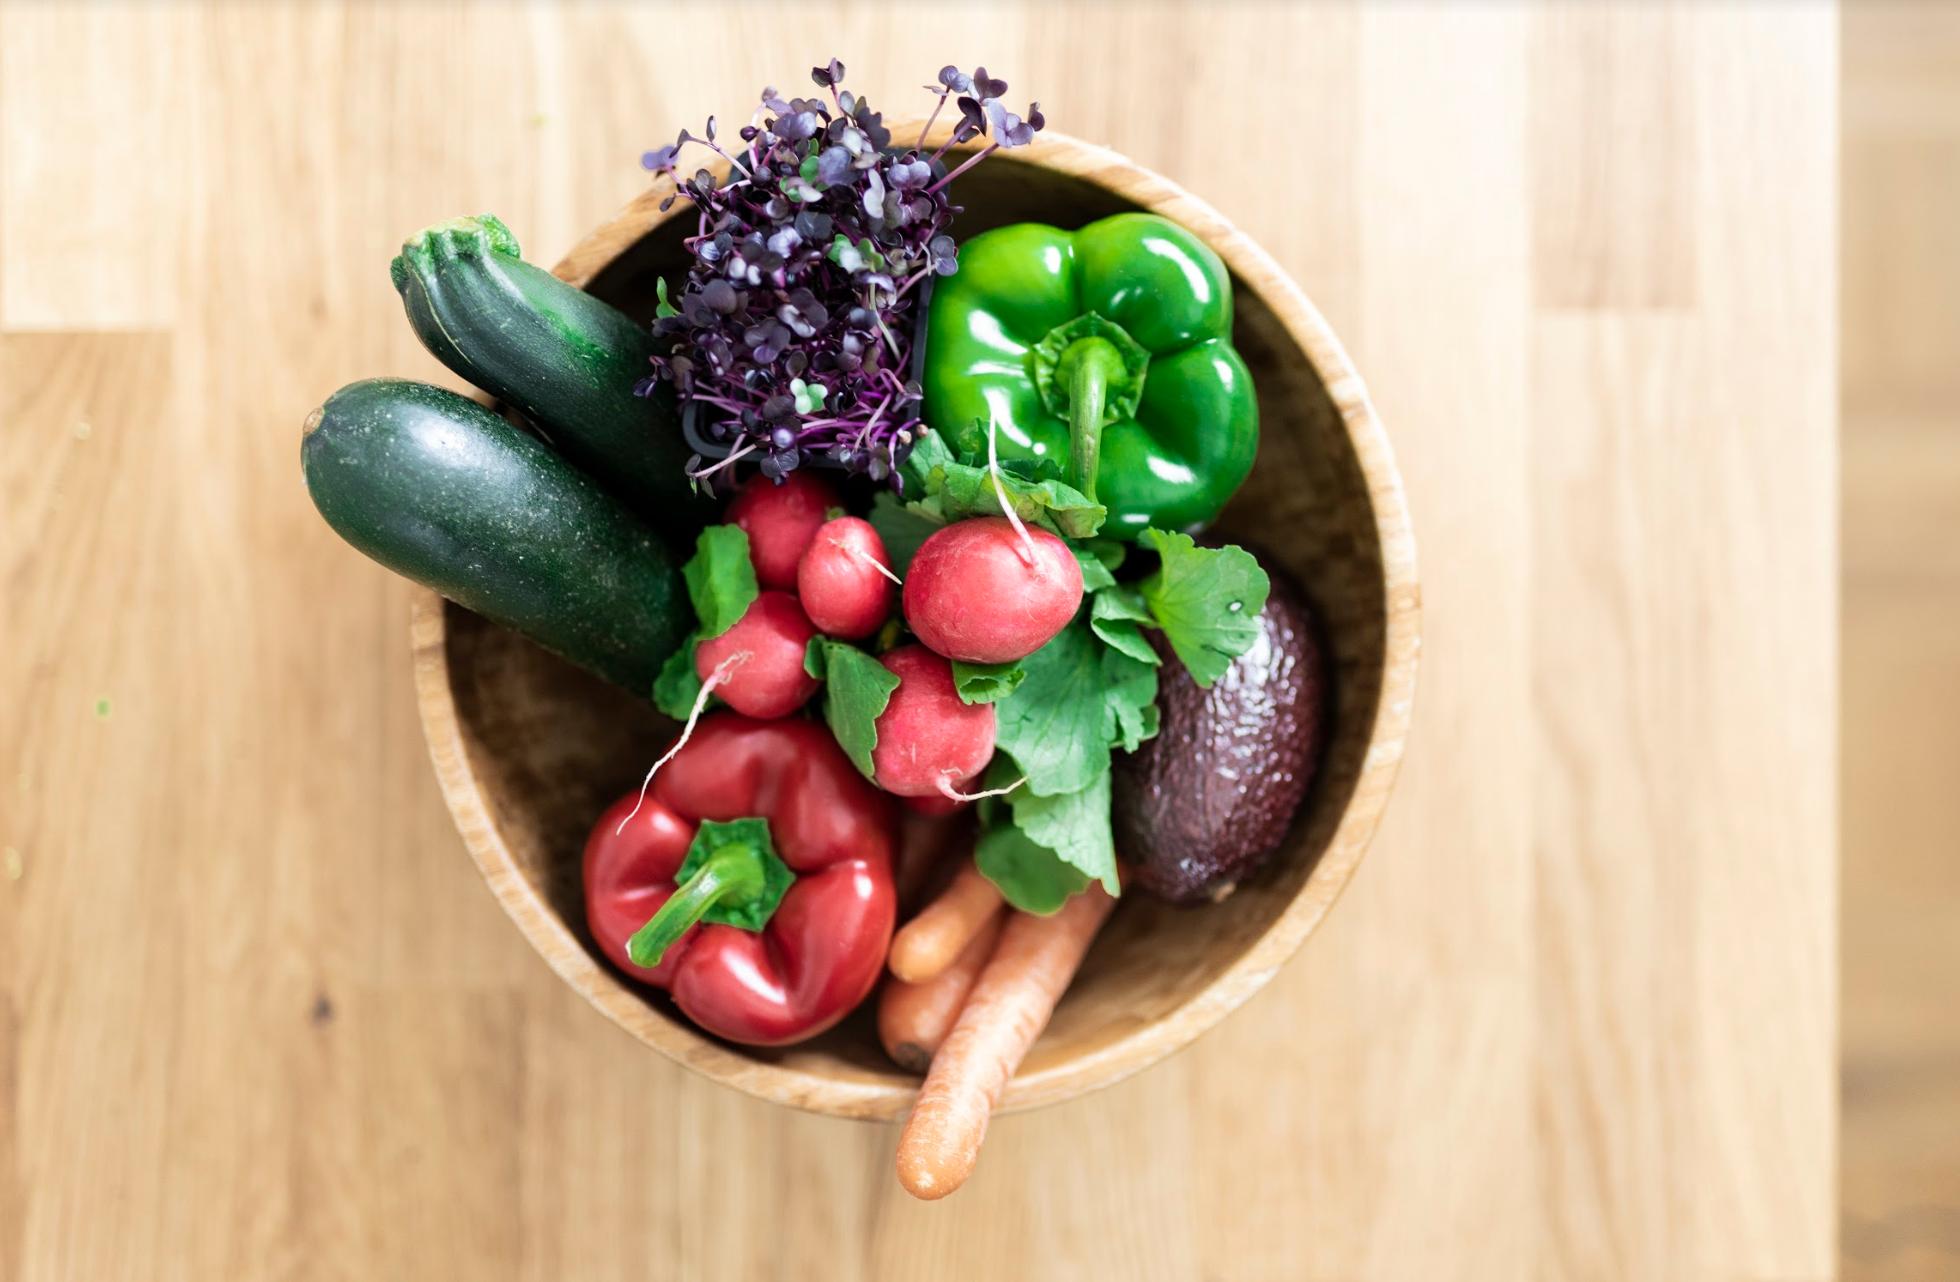 Holzschüssel mit Gemüse – paprika, Avocado, Möhren, Radieschen und Kresse –steht auf einem Holztisch